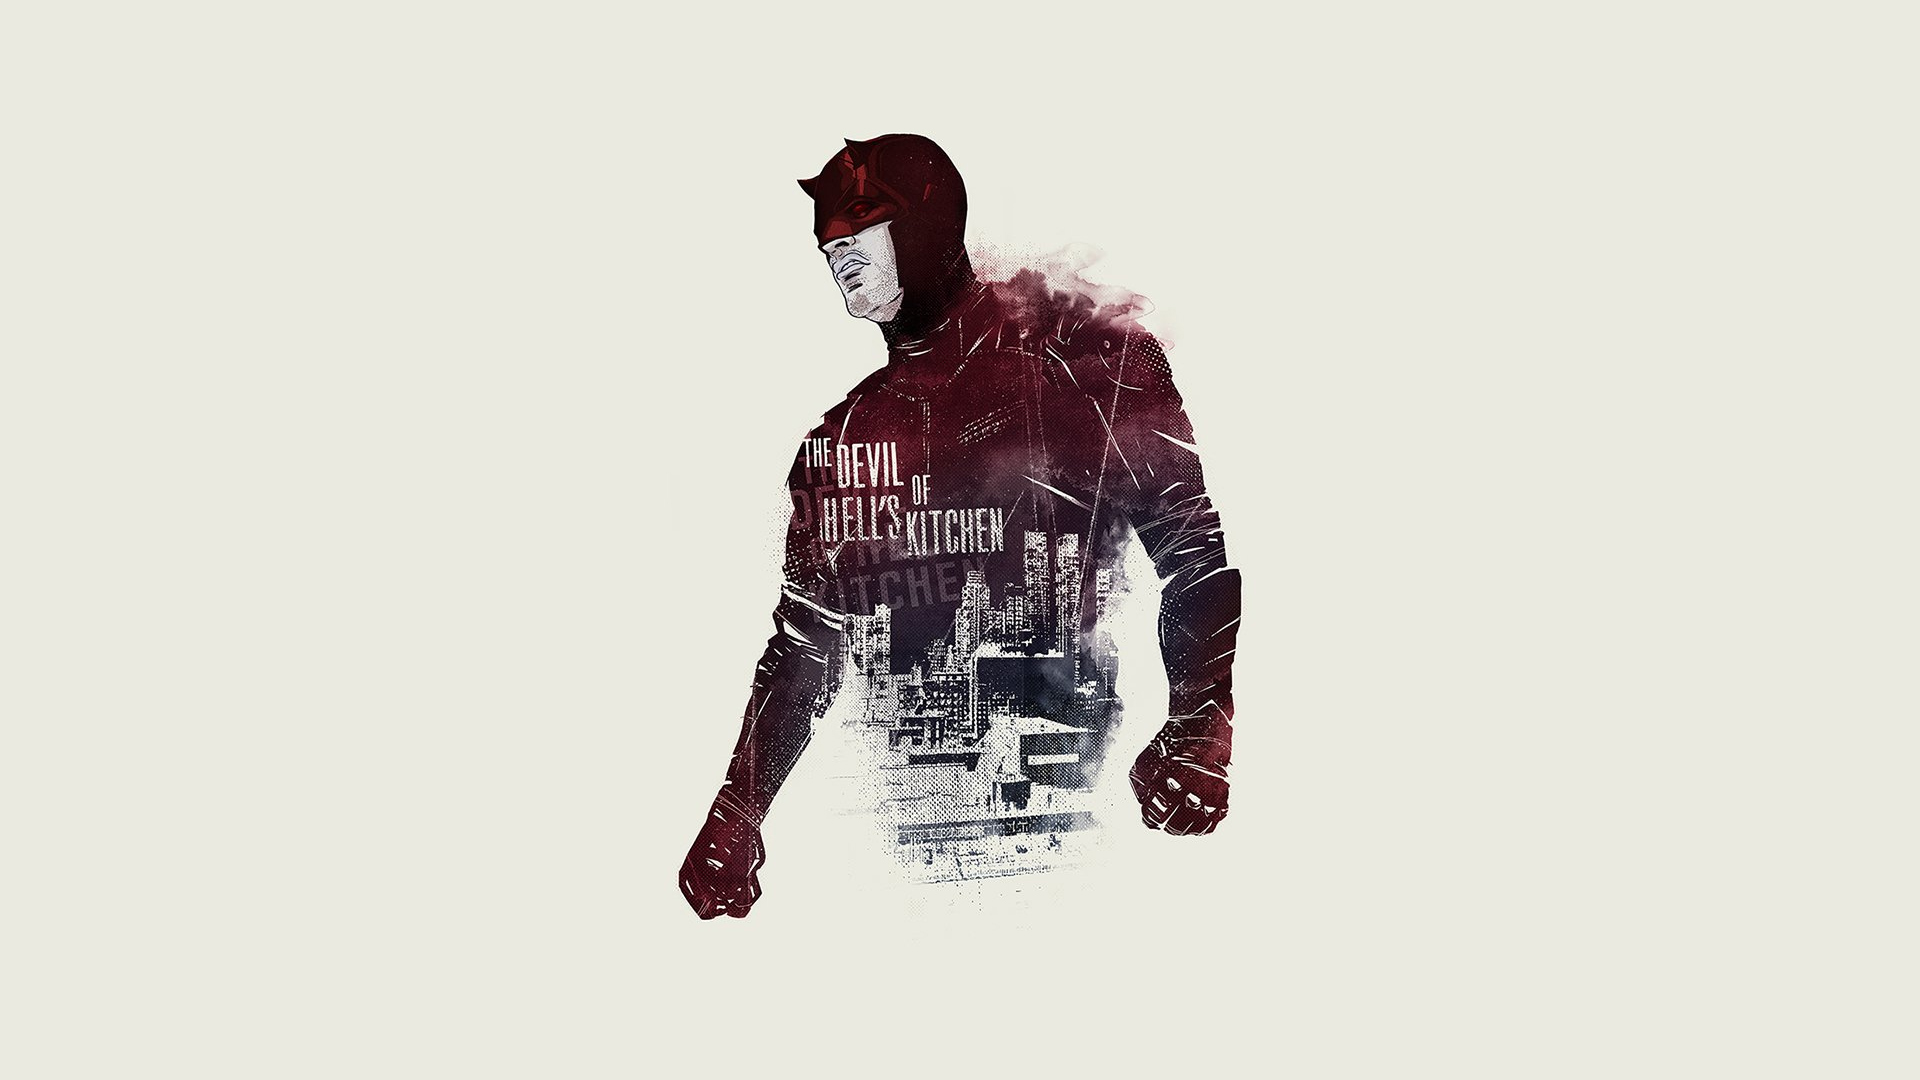 Daredevil Wallpapers HD | PixelsTalk Net